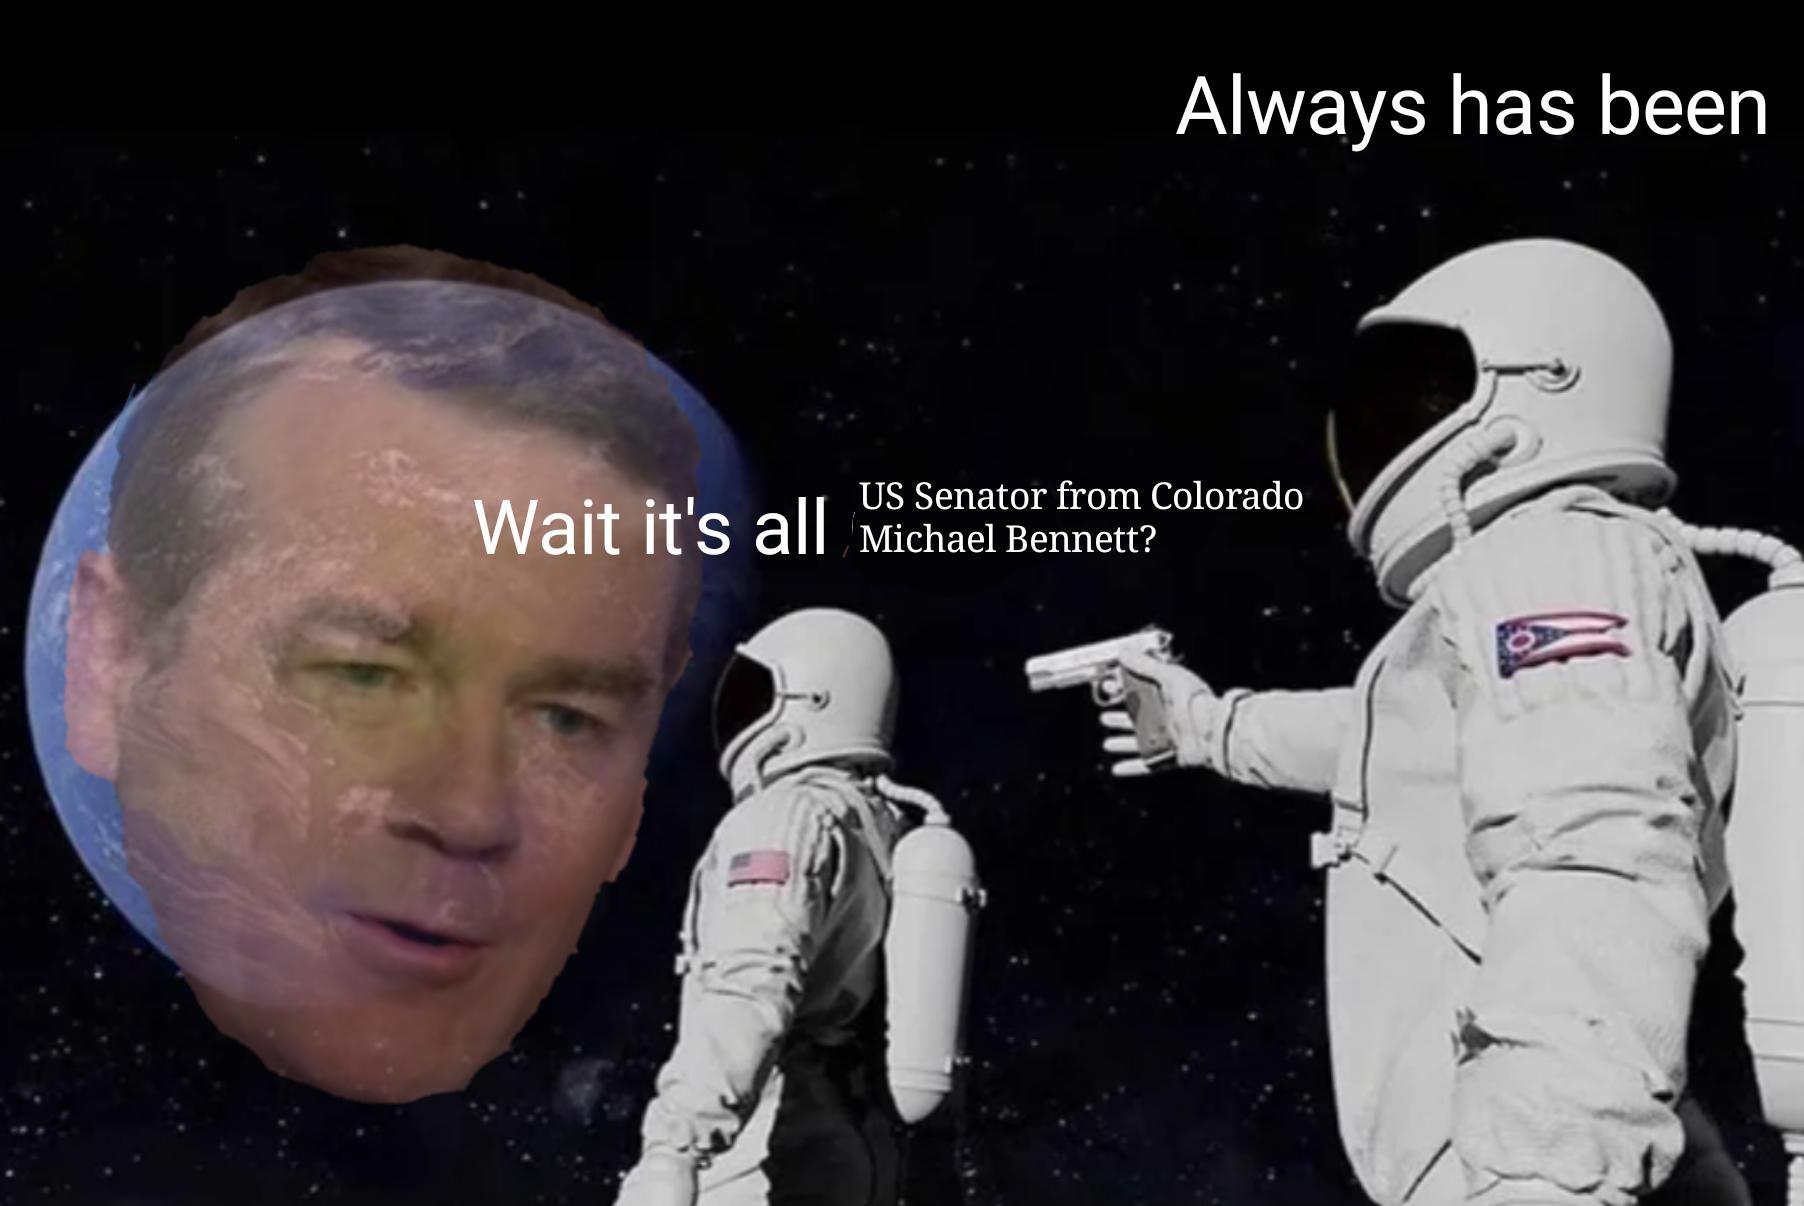 its all michael bennett meme, always has been meme, always has been memes, astronaut gun meme, astronaut gun memes, wait its all meme, wait its all memes, wait its all always has been meme, wait its all always has been memes, astronaut with a gun meme, astronaut with a gun memes, astronaut with gun meme, astronaut with gun memes, astronaut conspiracy meme, astronaut conspiracy memes, space conspiracy meme, space conspiracy memes, funny astronaut gun meme, funny astronaut with gun meme, funny astronaut gun memes, funny astronaut with gun memes, funny always has been meme, funny always has been memes, funny wait its all meme, funny wait its all memes, funny astronaut meme, funny astronaut memes, conspiracy theory meme, conspiracy theory memes, conspiracy theories meme, conspiracy theories memes, funny conspiracy theory meme, funny conspiracy theory memes, funny conspiracy theories meme, funny conspiracy theories memes